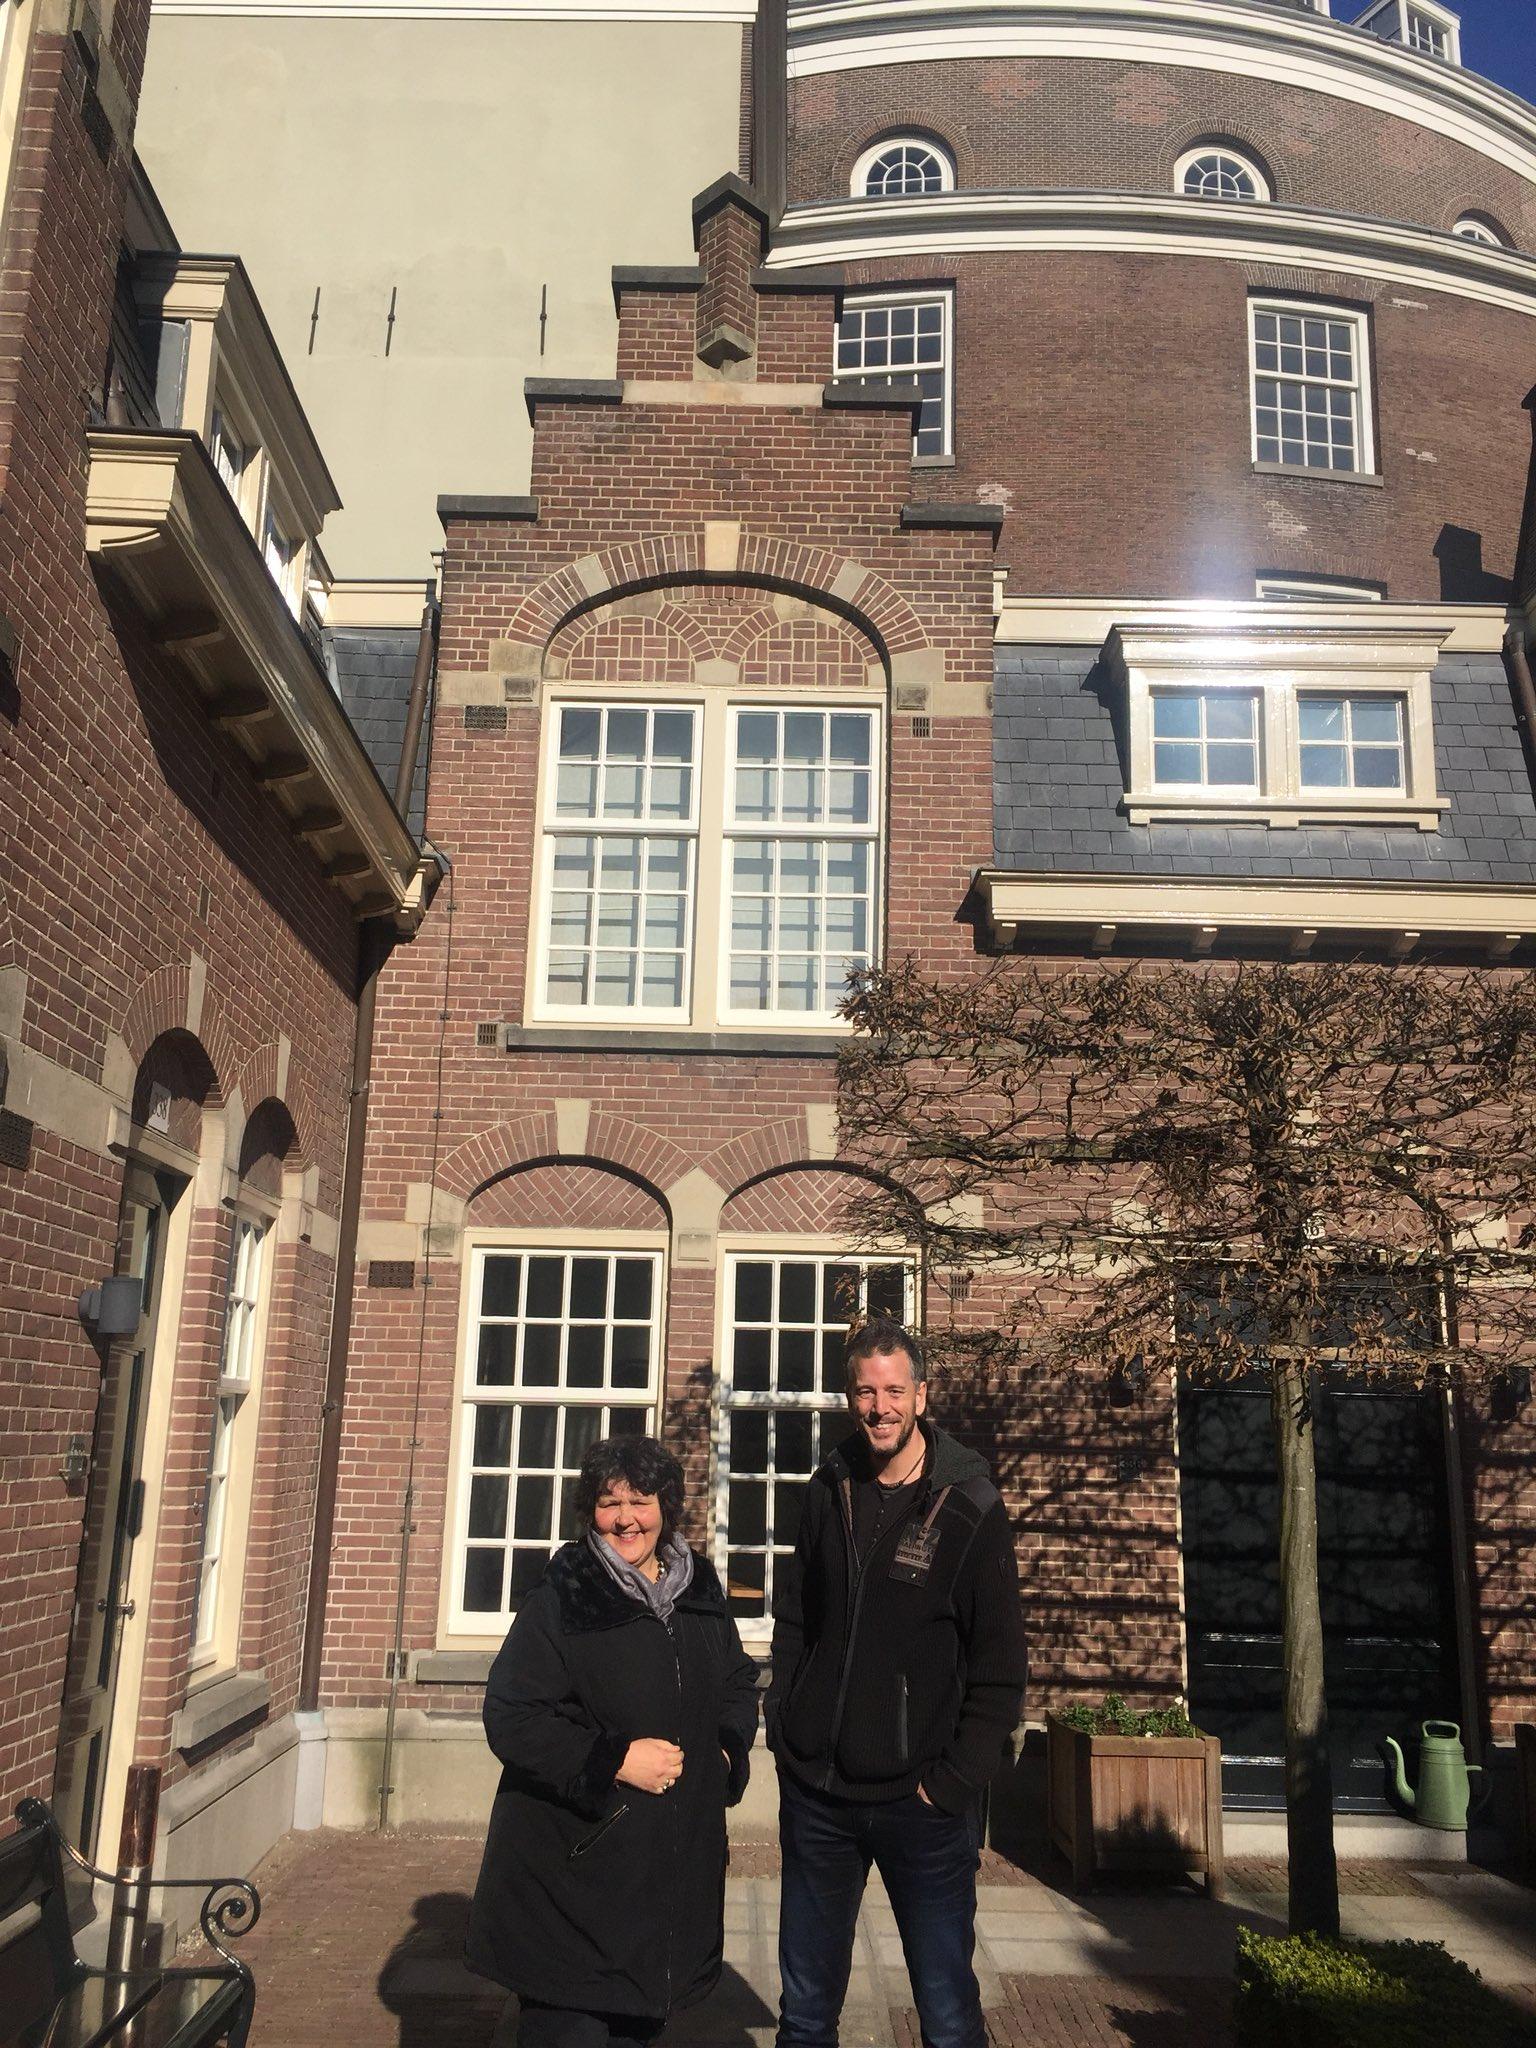 Joepie we gaan samenwerken met @HowieTheHarp #welkom in @AmsterdamNL en dank aan @hvoquerido https://t.co/nCLRnSXzse